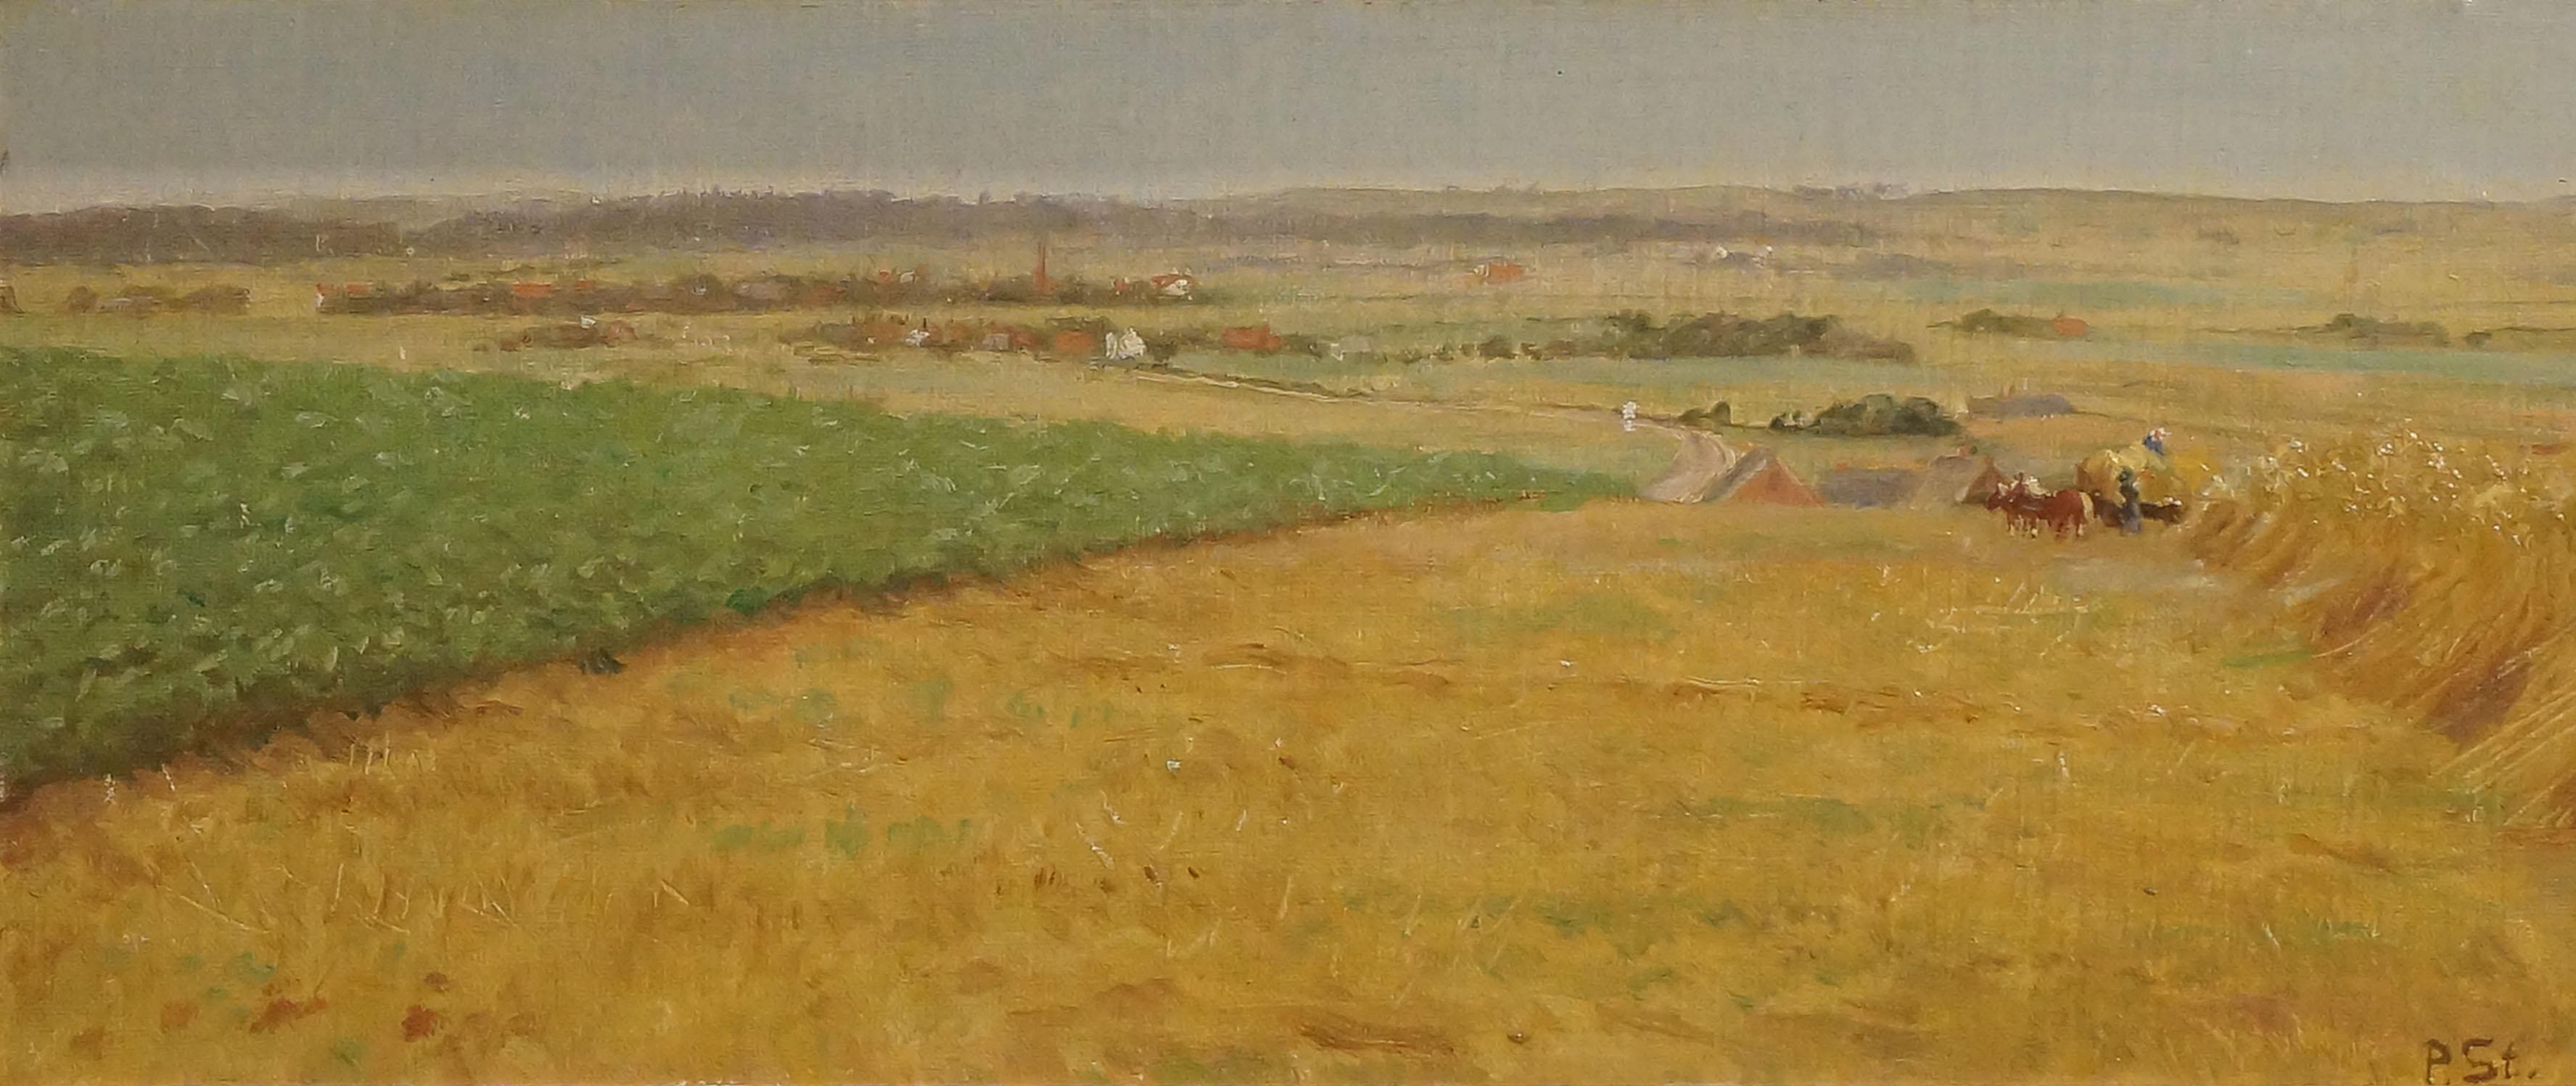 983-steffensenuntitledfarm